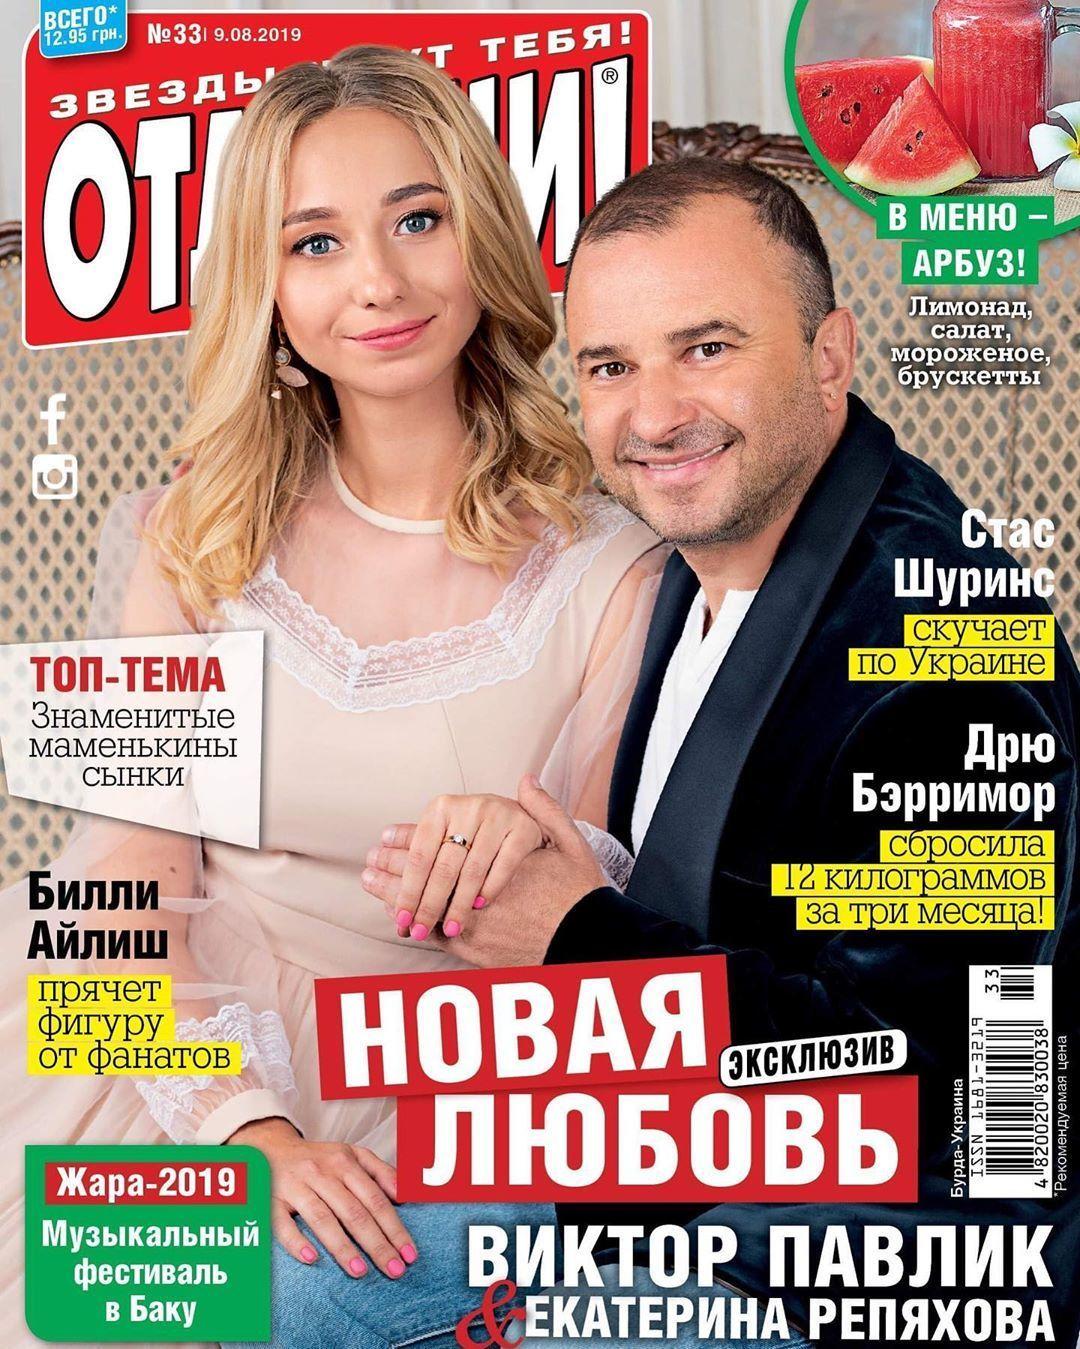 Віктор Павлік з молодою коханою_1